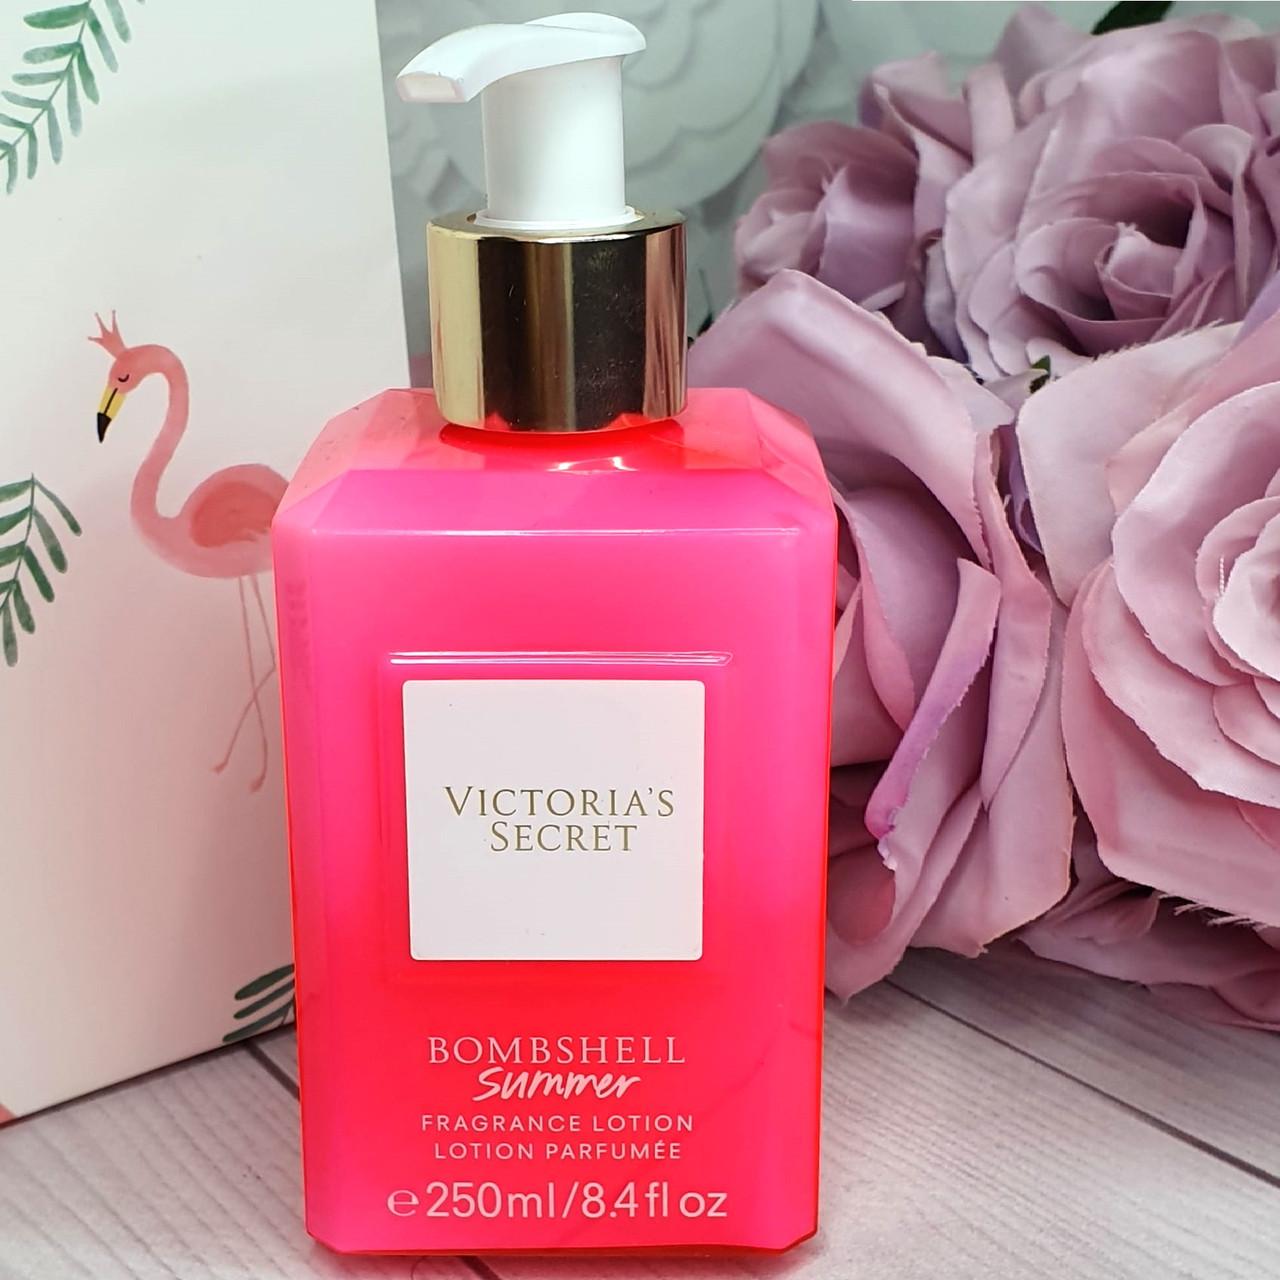 Парфюмированный лосьон для тела Victoria's Secret Bombshell Summer 250 мл (оригинал)